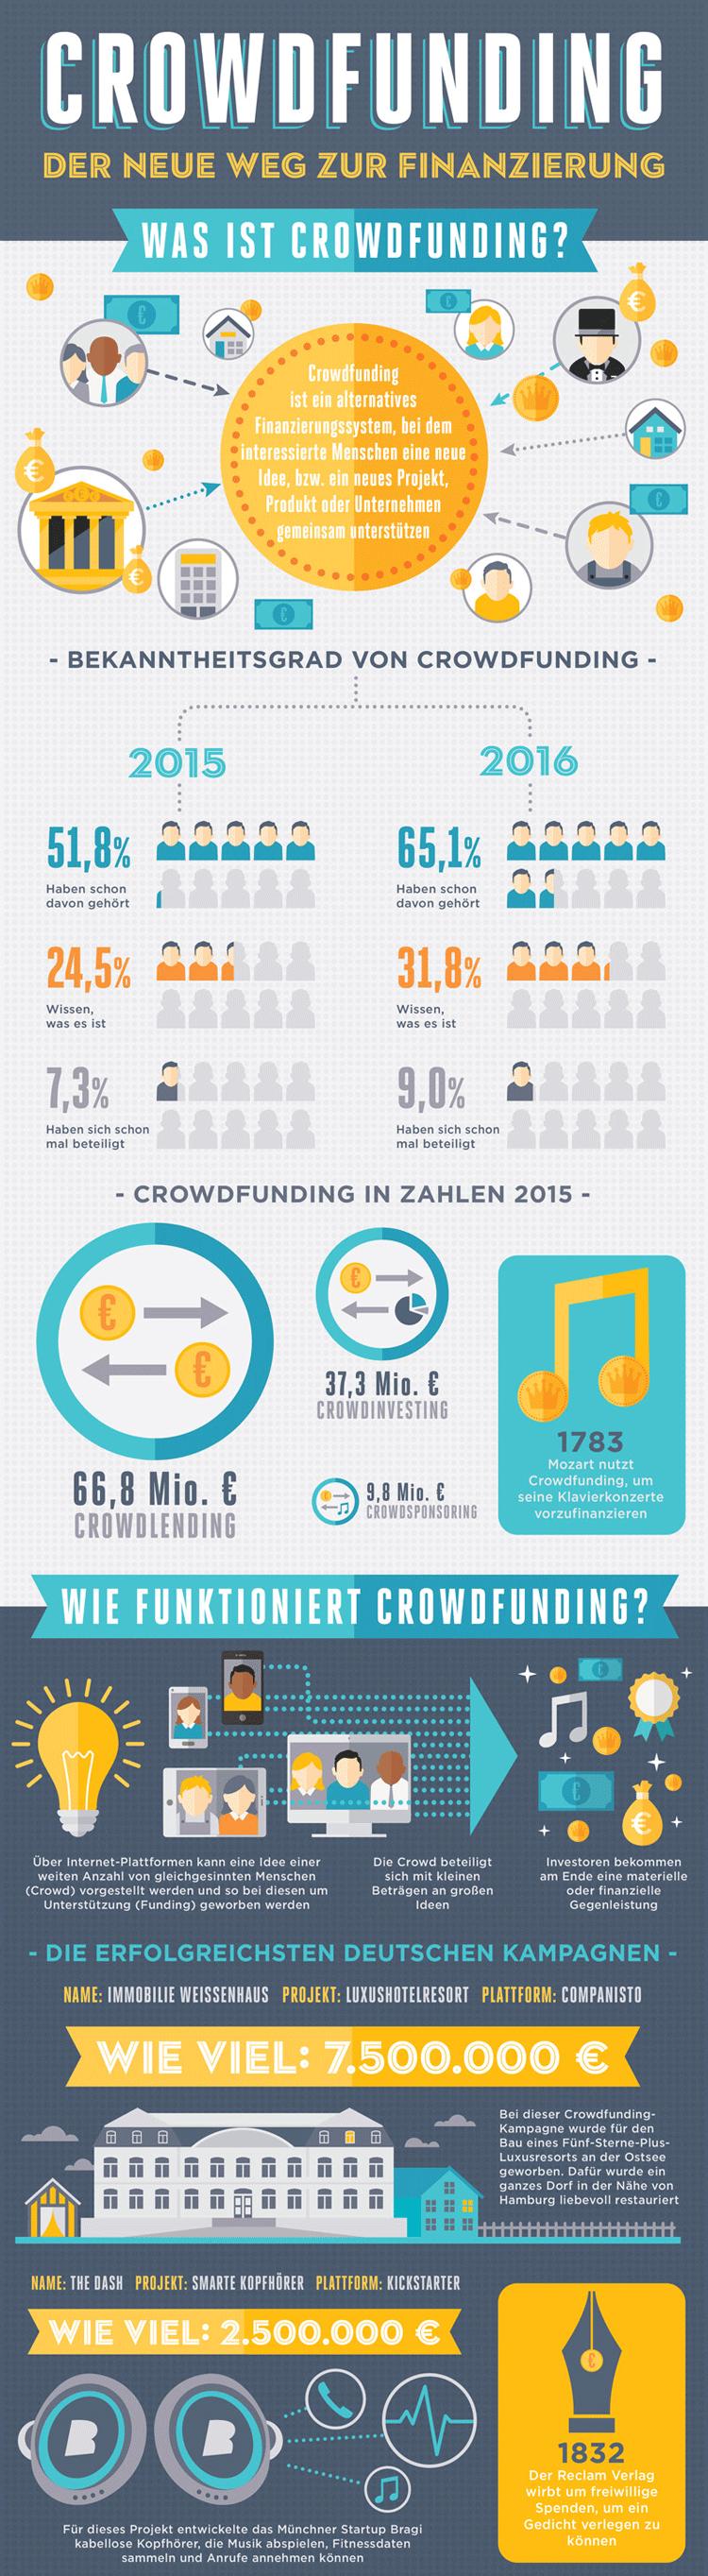 Infografik Crowdfunding in Deutschland